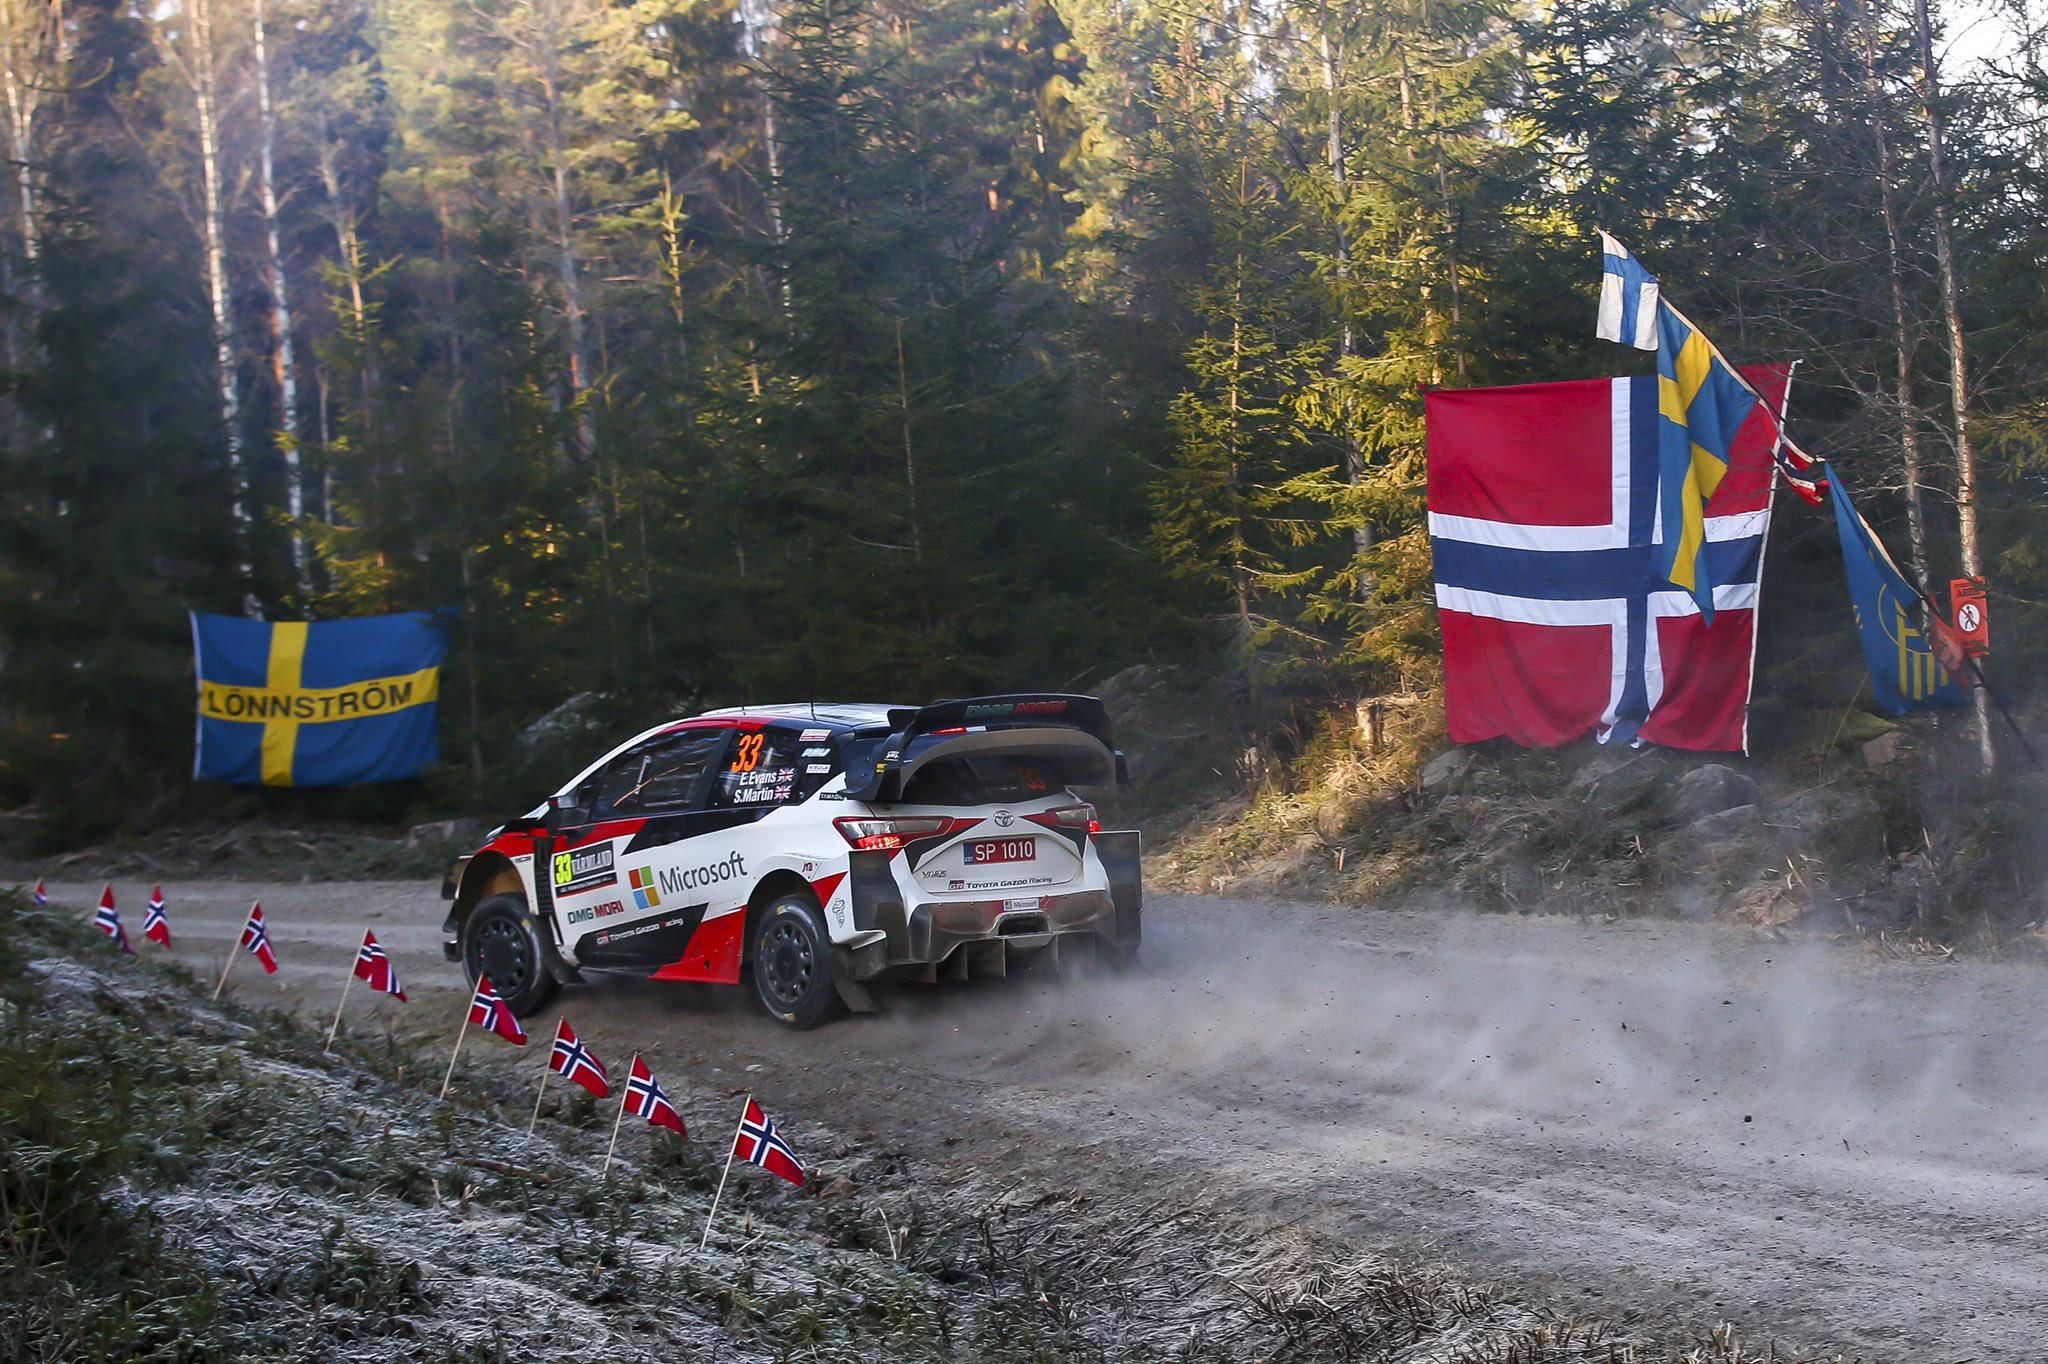 WRC瑞典站首日:丰田整体强势埃文斯领跑 卫冕冠军8.5秒差距暂列第二